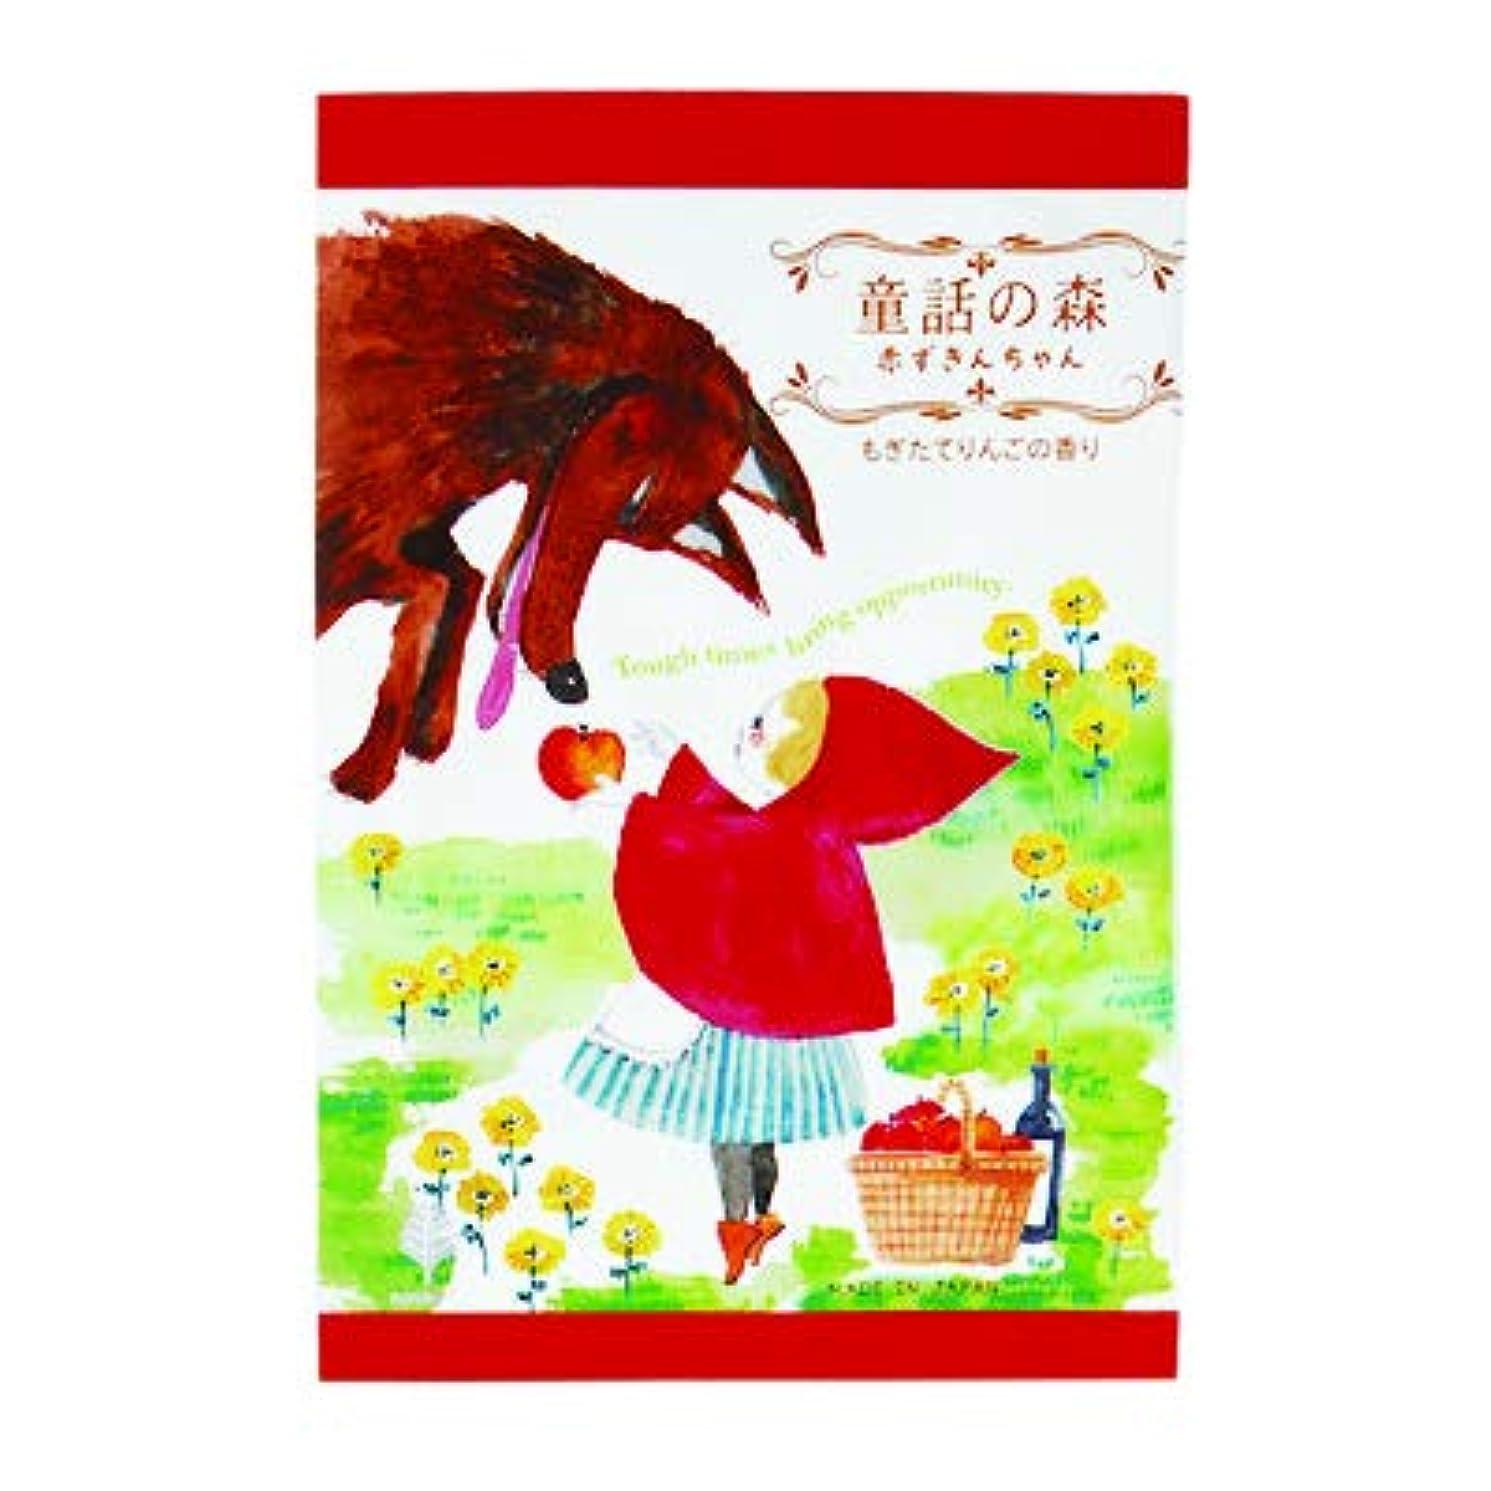 曖昧な次へ爵【まとめ買い6個セット】 童話の森 赤ずきんちゃん